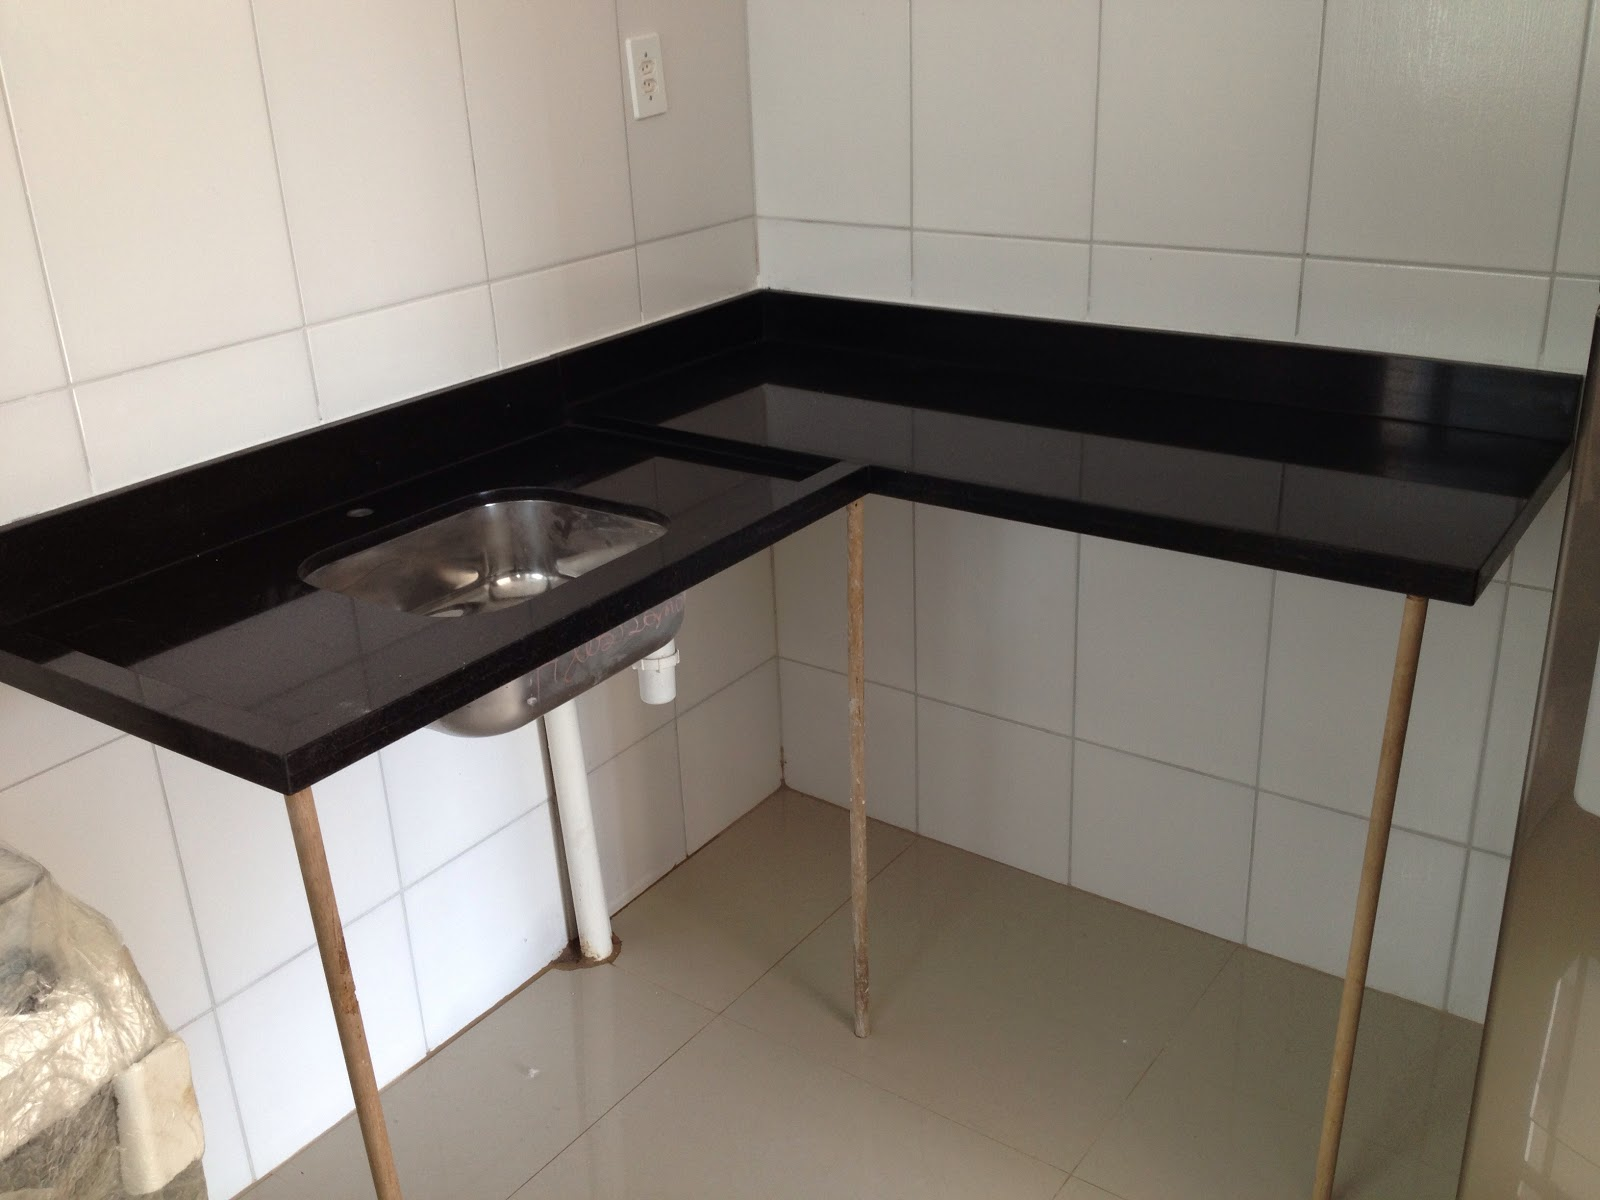 Apê da Dinha e do Alê Granito Cozinha + Banheiro # Como Colocar Pia De Banheiro Na Parede